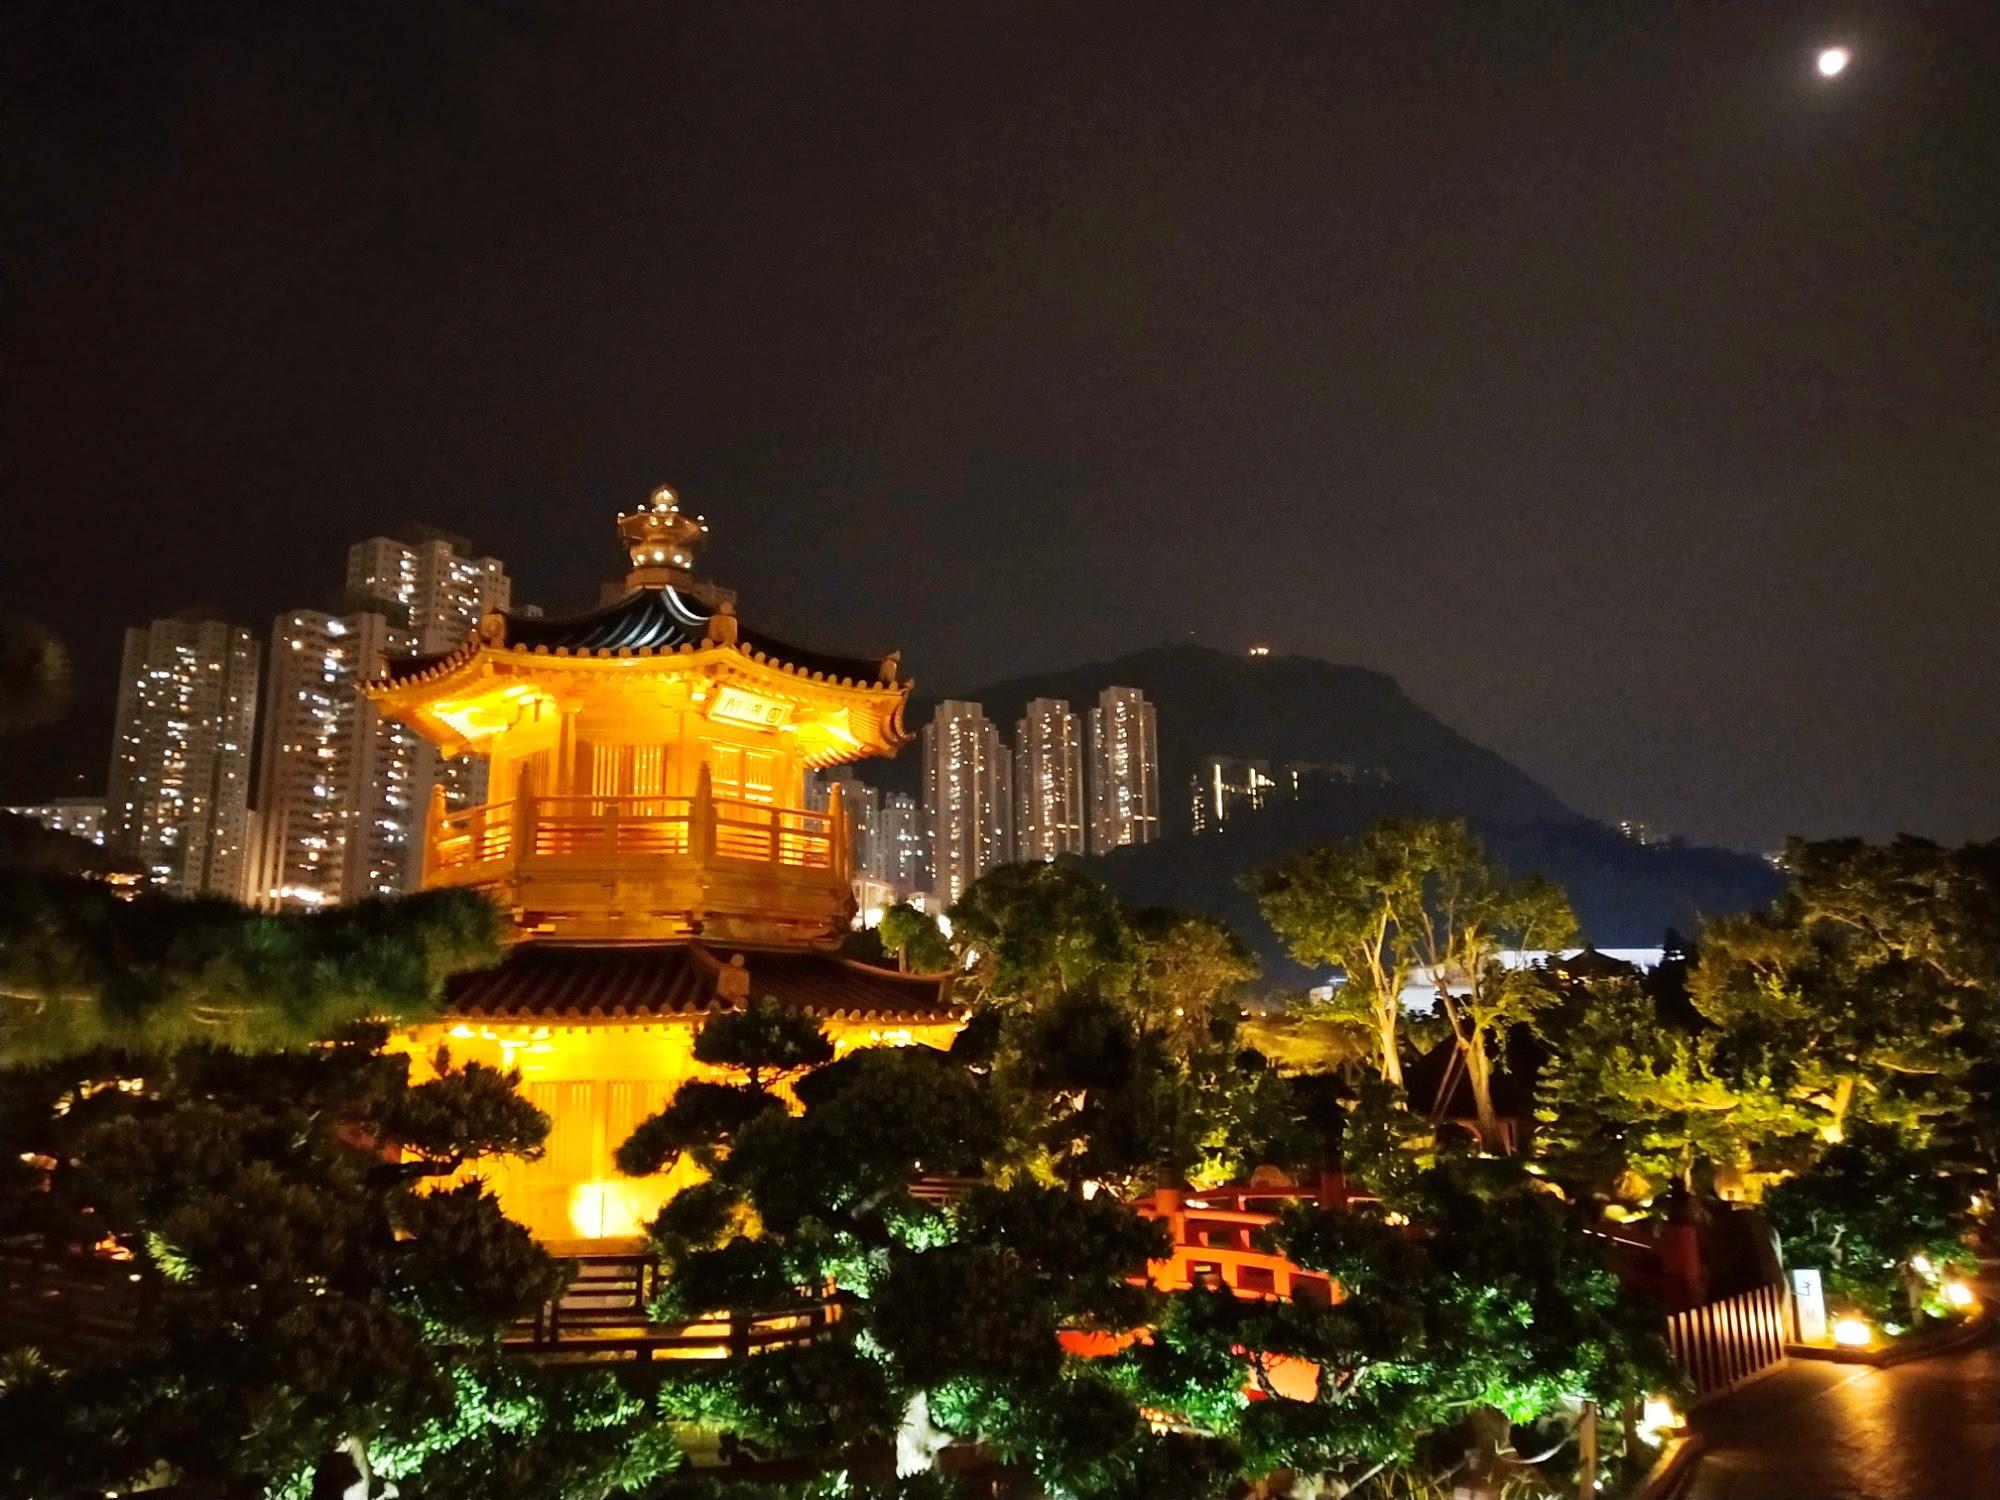 Nan Lian Garden under the moon